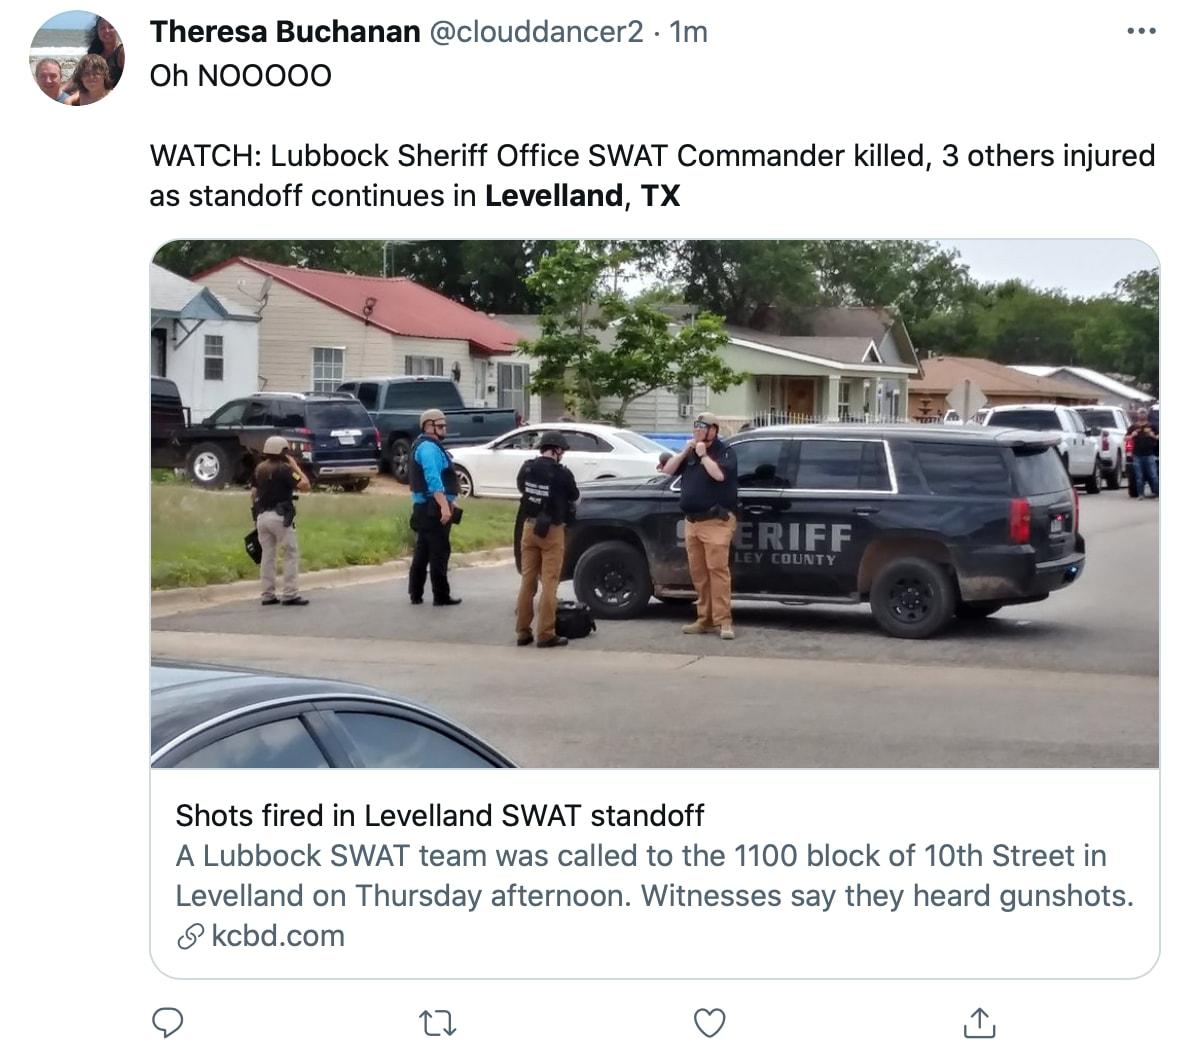 Agentes federales acuden a la escena del tiroteo en Texas